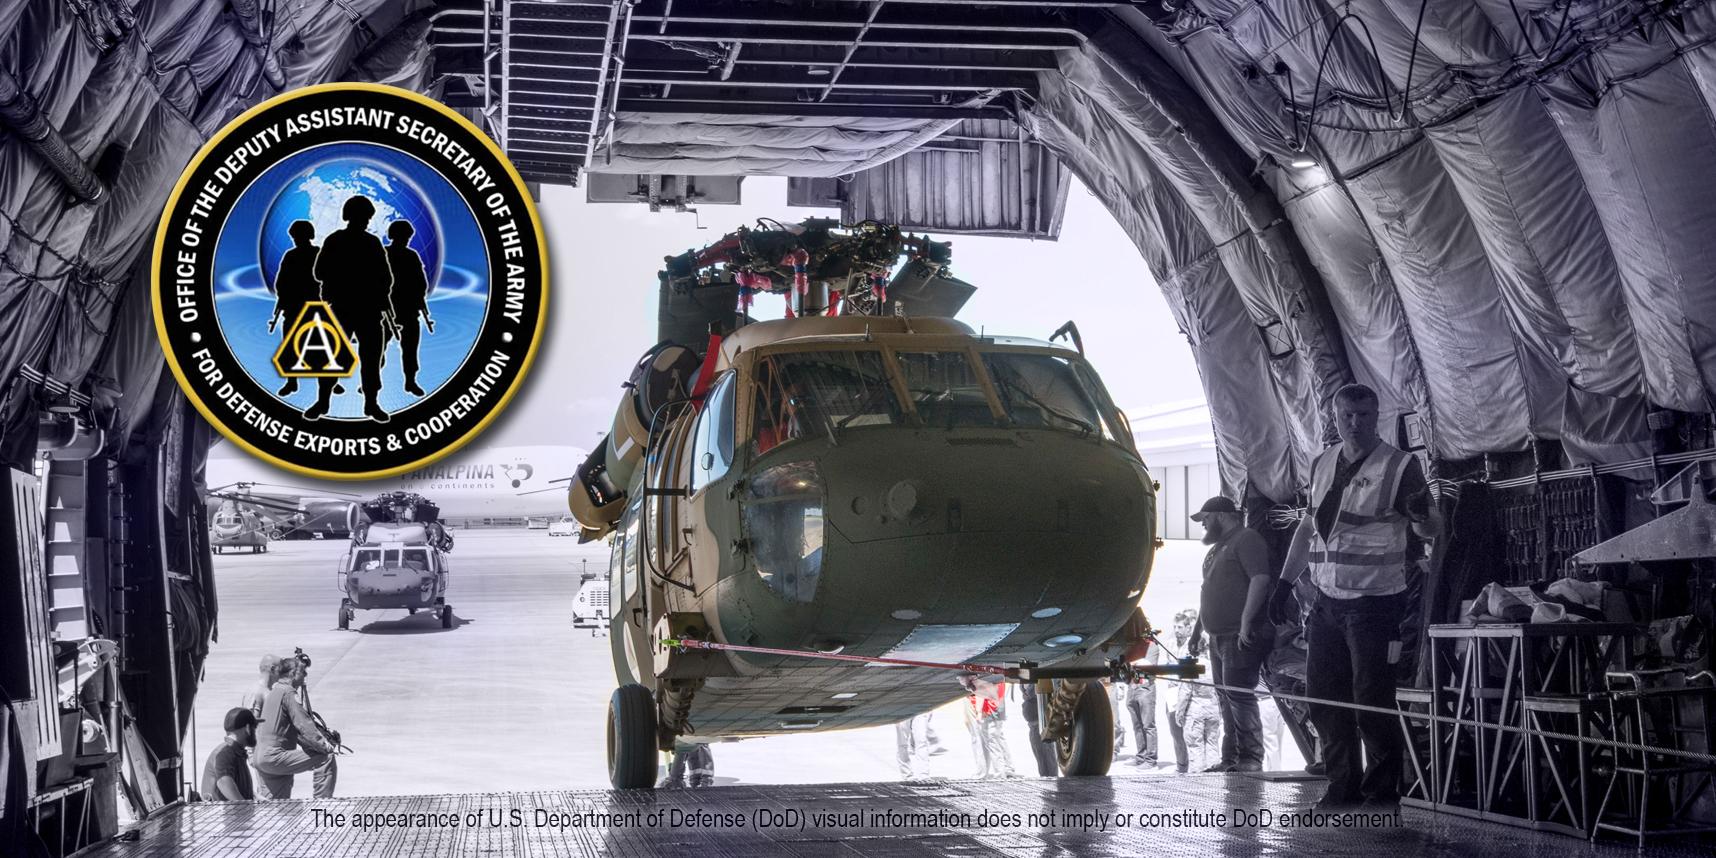 Uploading UH-60 for FMS customer